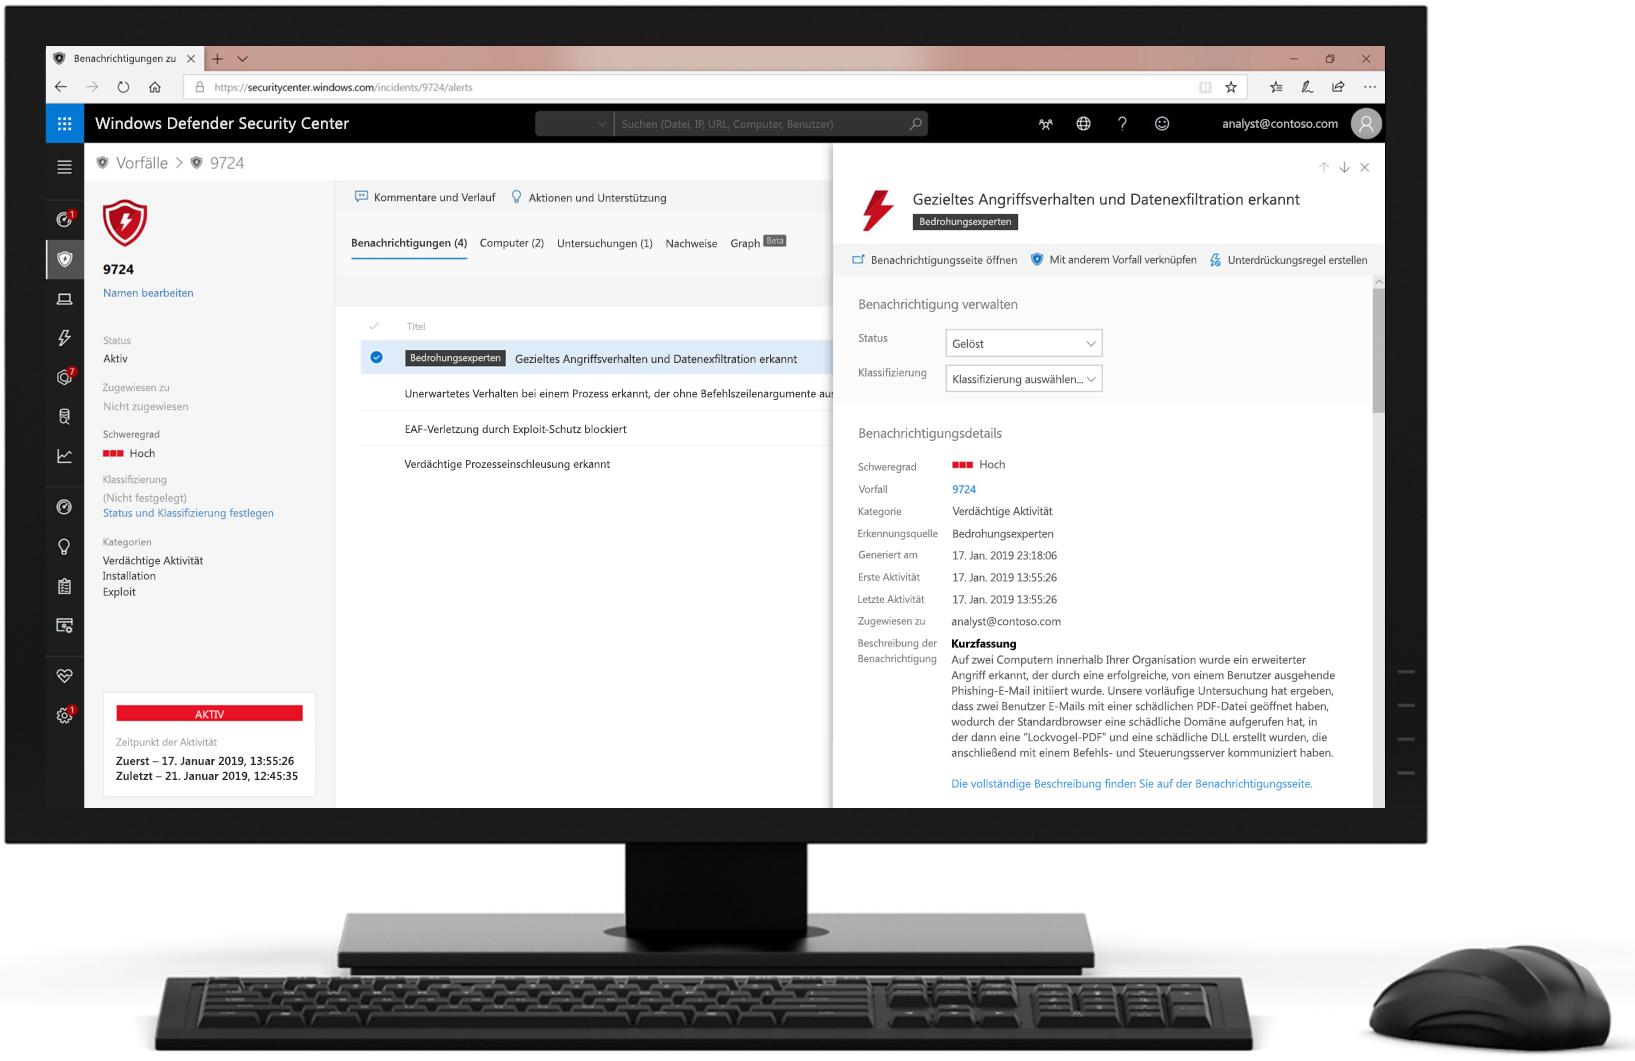 Abbildung eines PCs mit dem Windows Defender Security Center